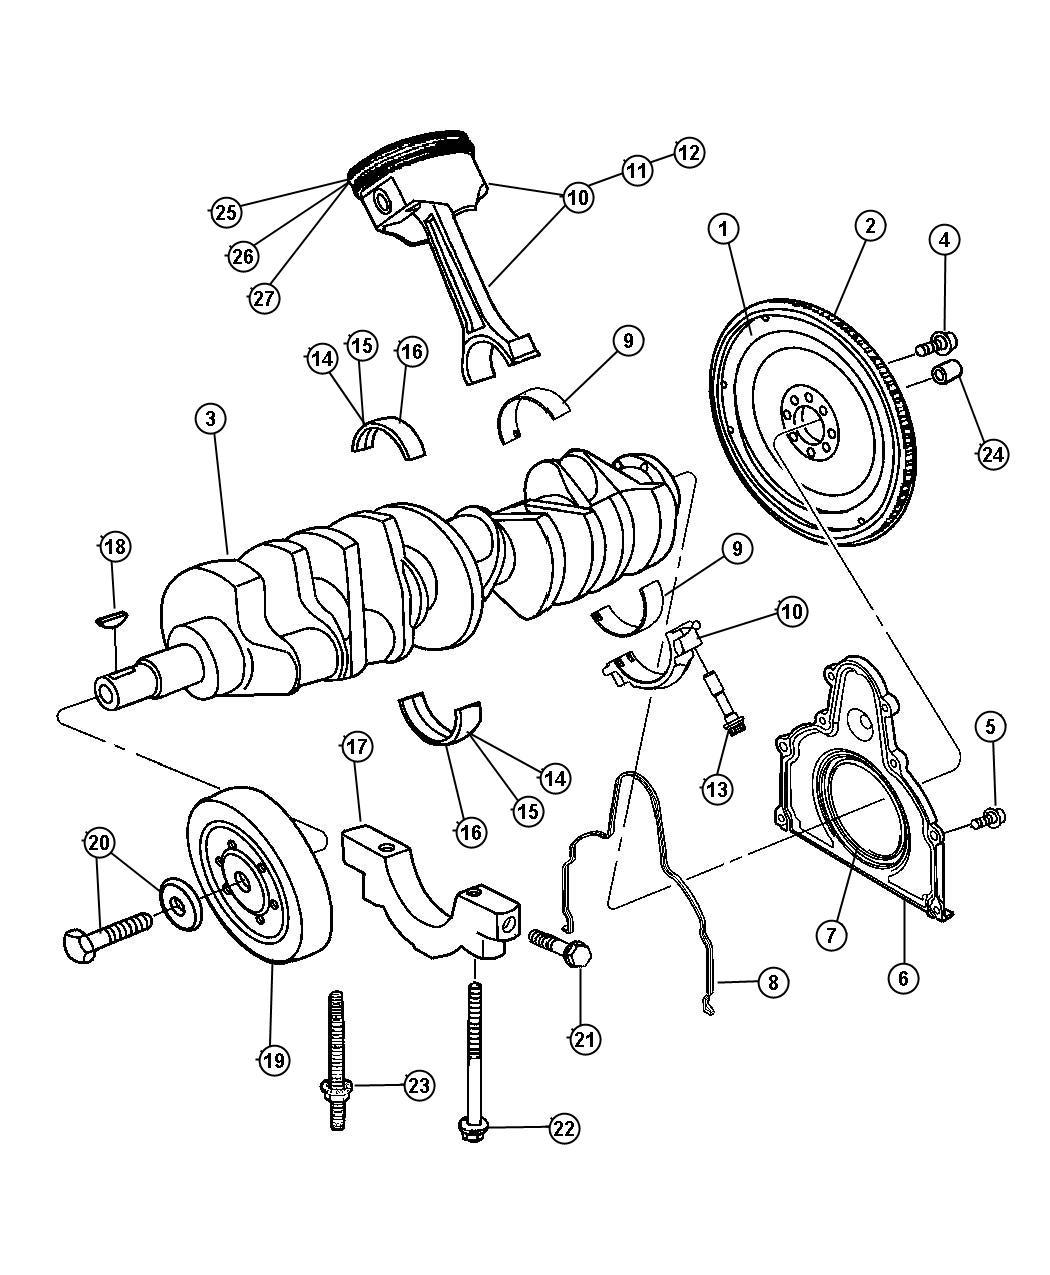 Dodge Viper Brg pkg. Crankshaft. [#1, 2, 4, 5, 6] magenta